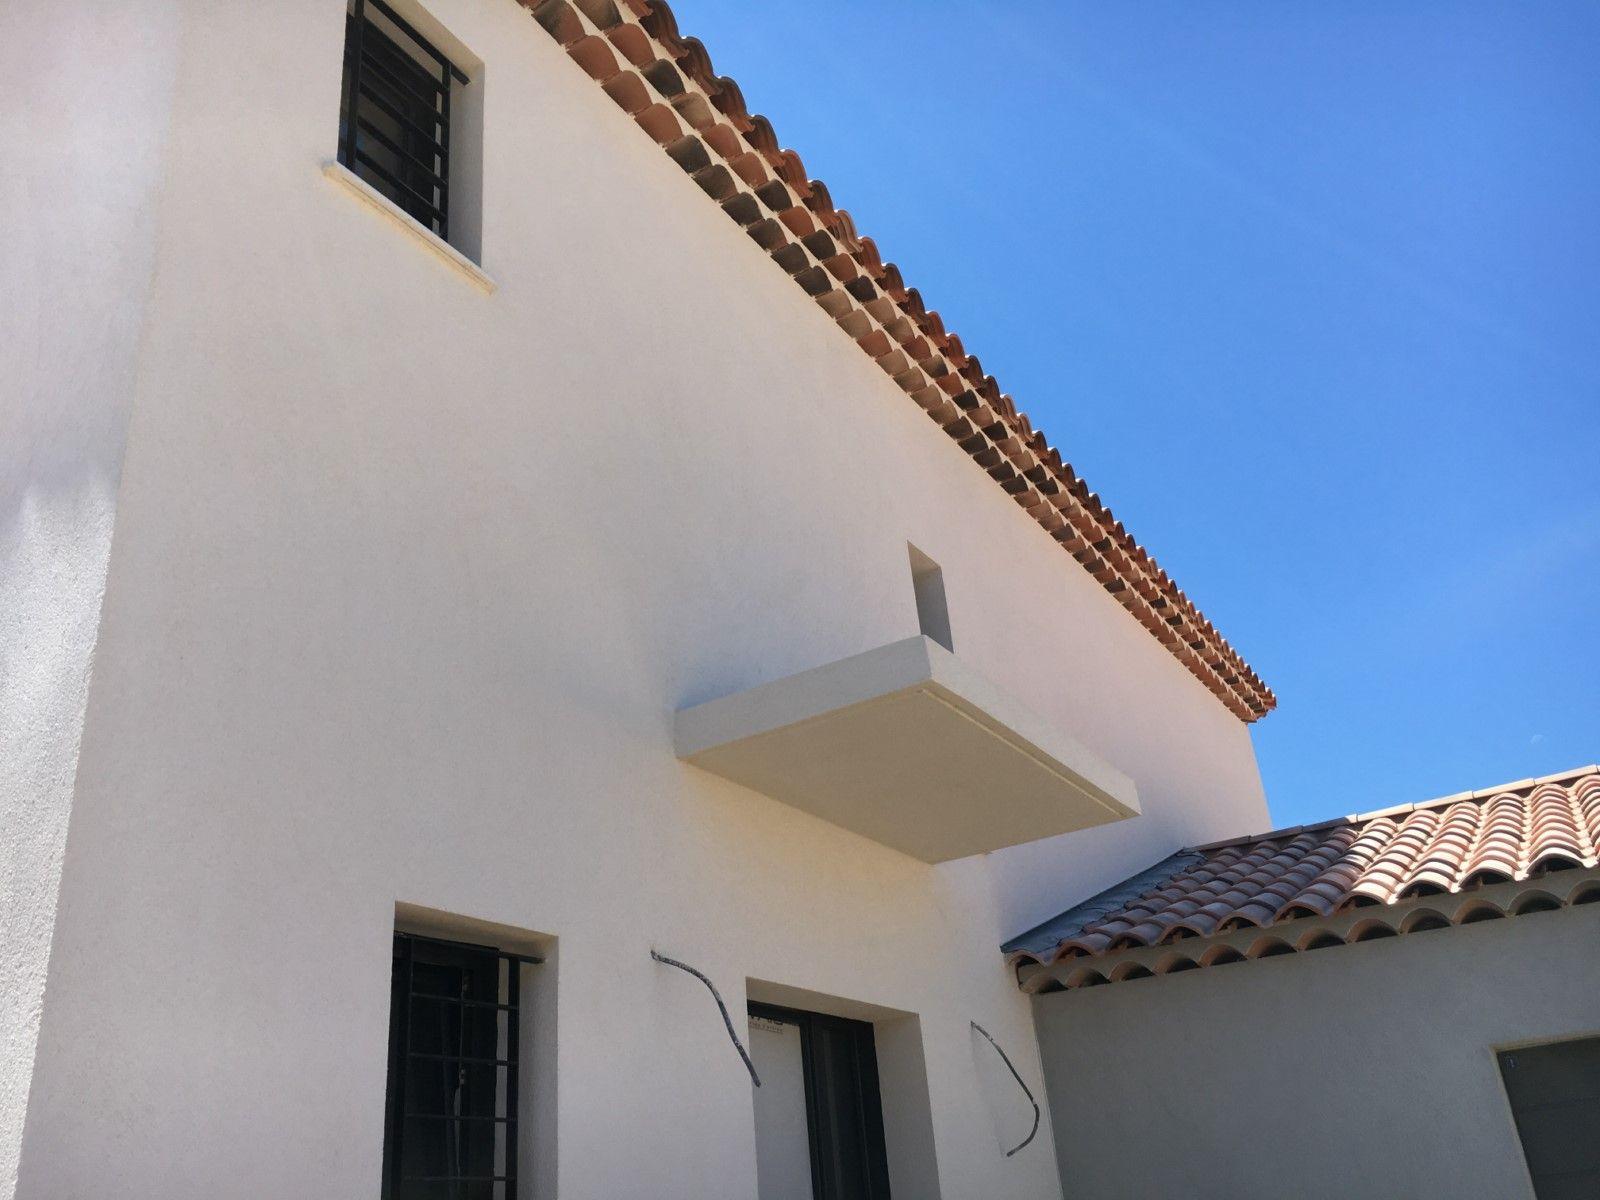 Couleurs Facades En Provence rÉalisation d' enduits de facade a marseille 13012 pour